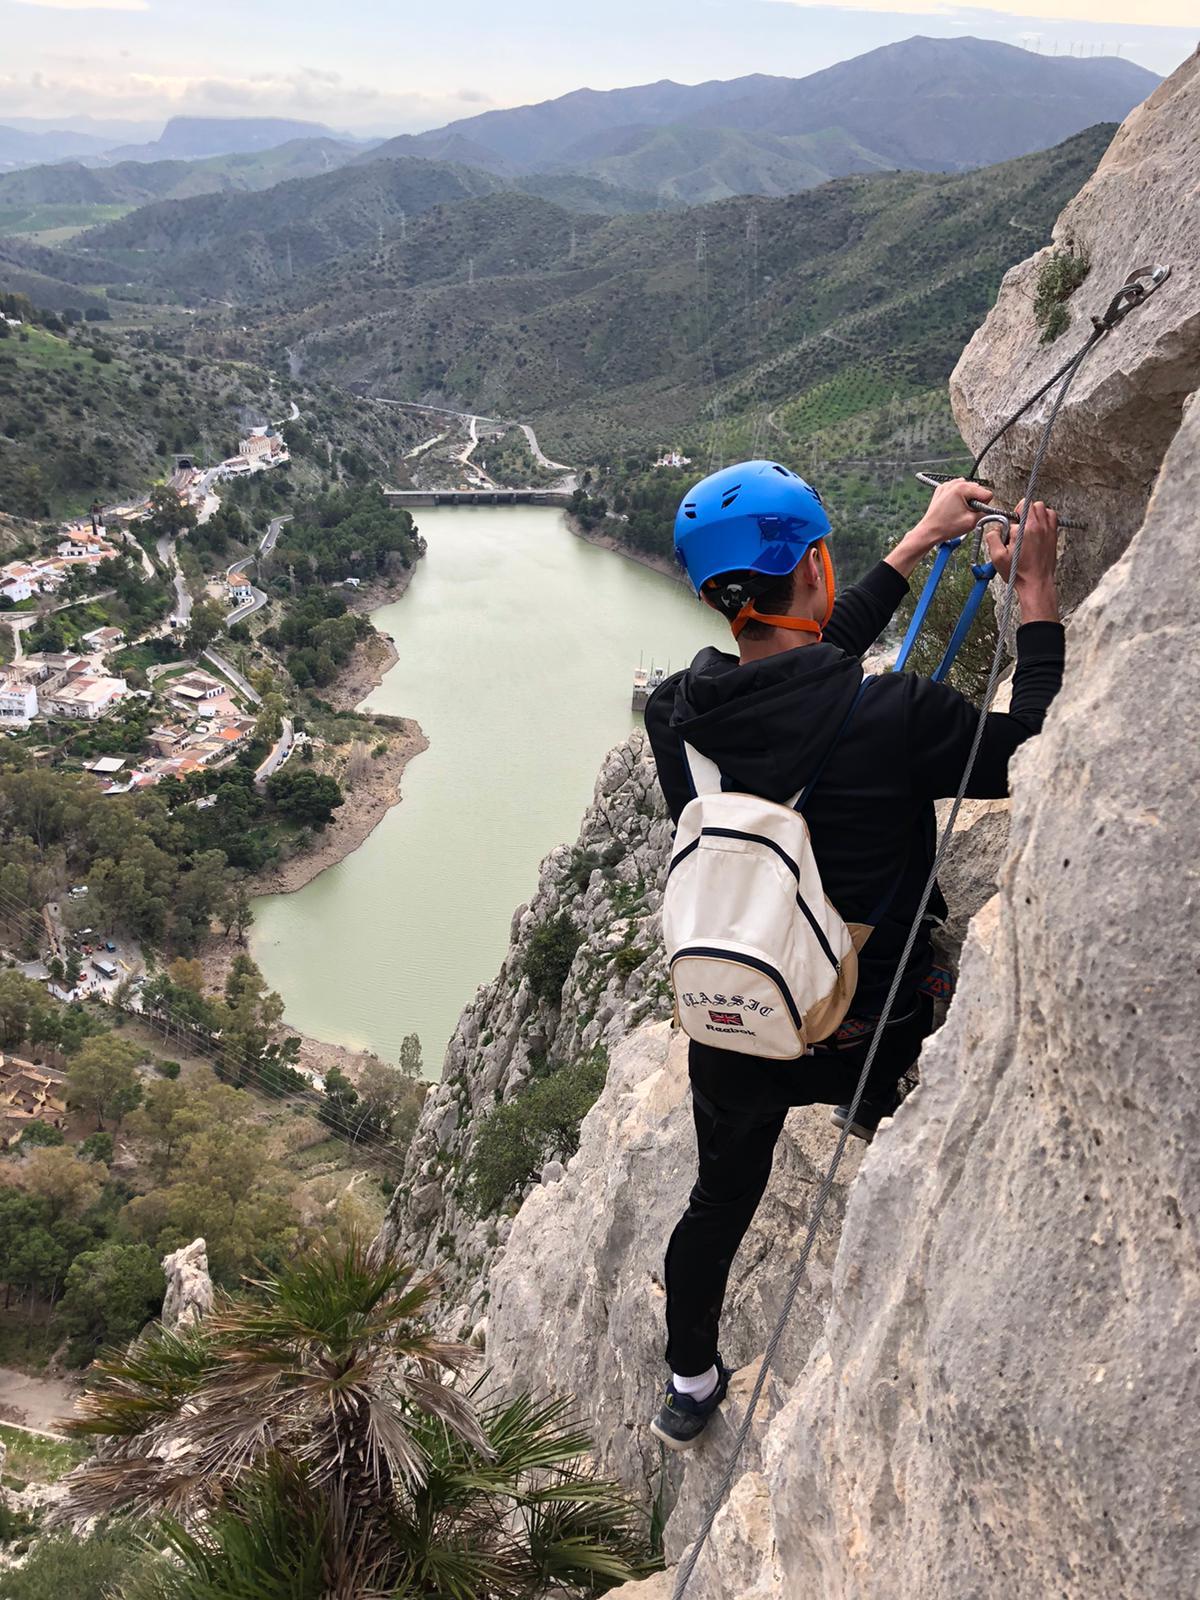 Nuestros alumnos del TSEAS hacen escalada en la via ferrata del Caminito del Rey, El Chorro (Álora)